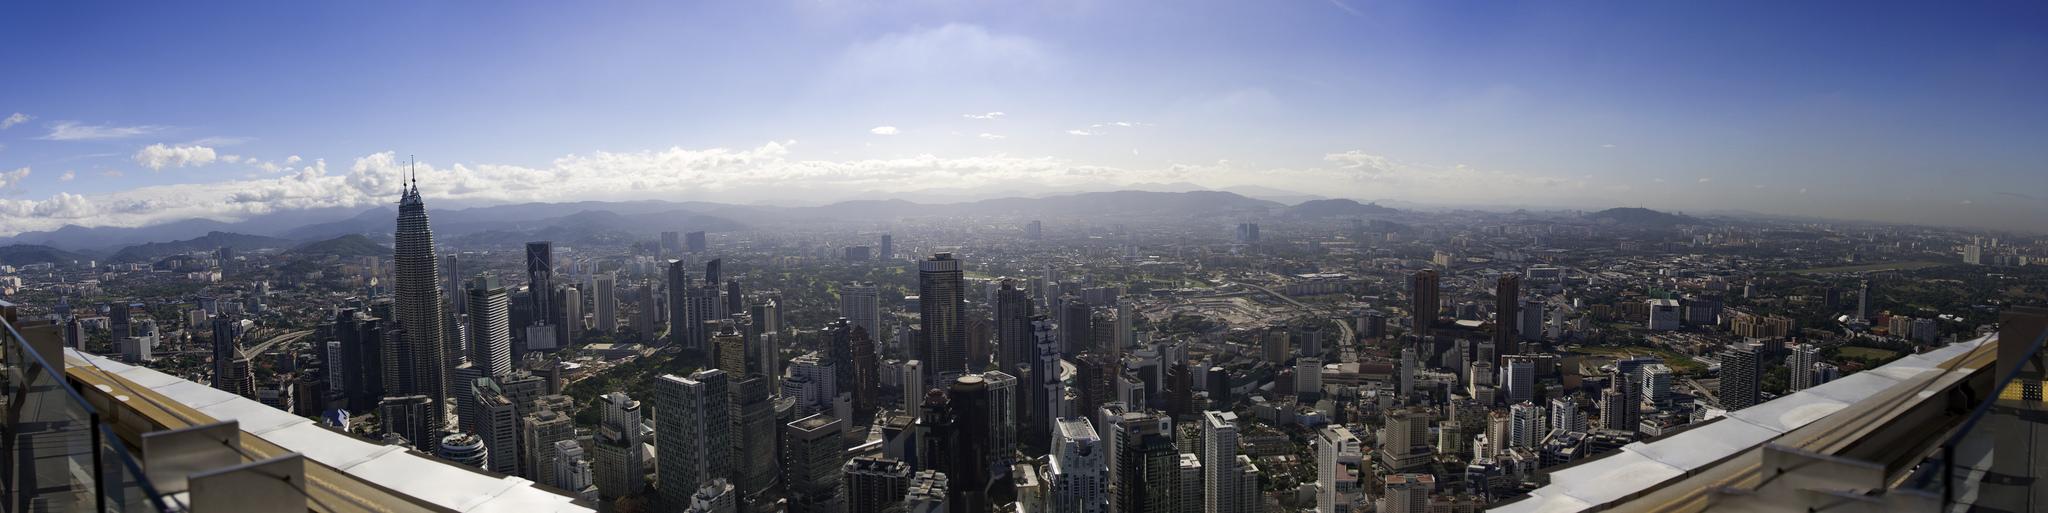 Что посмотреть в Куала-Лумпуре в первую очередь